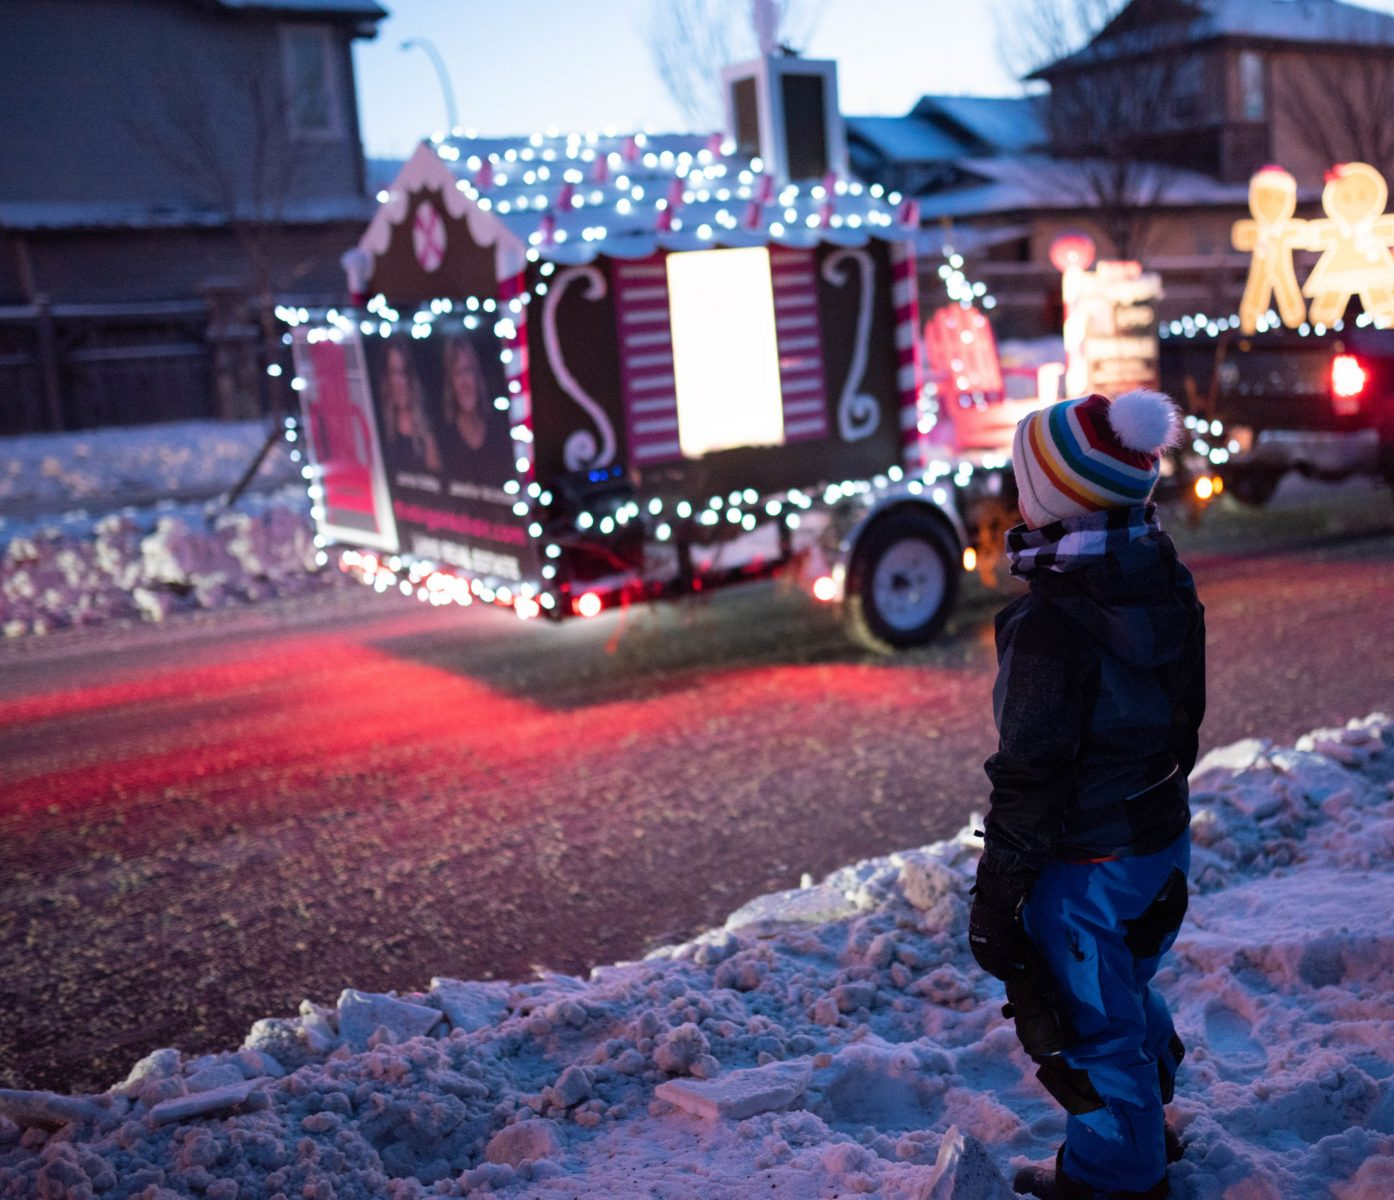 Auburn-Bay-Christmas-Parade-2019-59-scaled